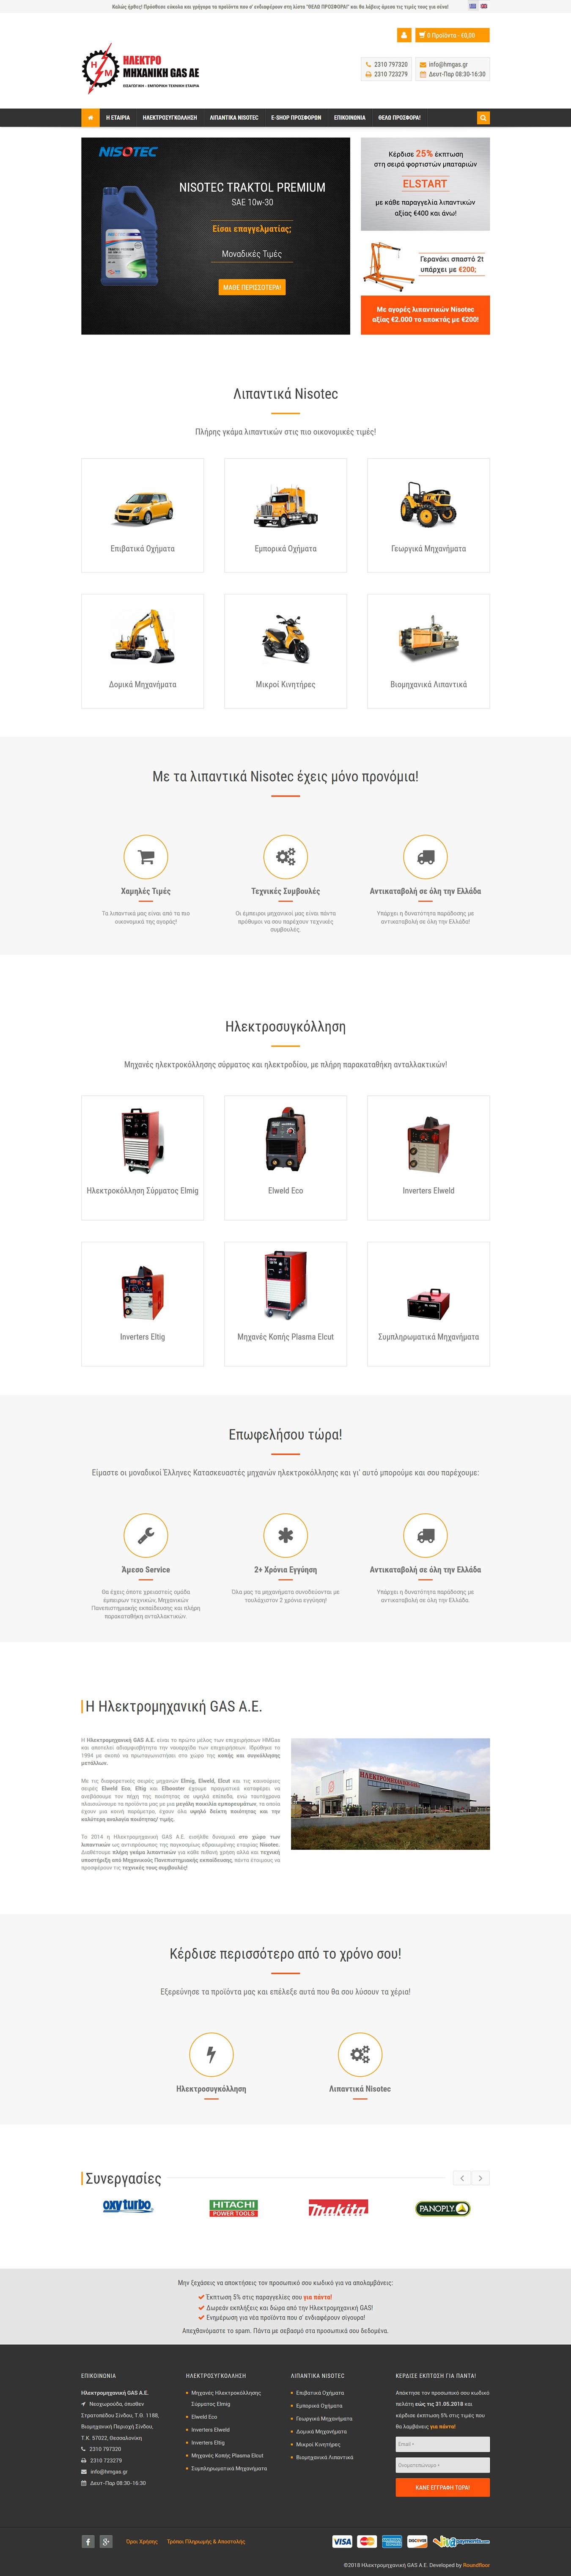 Κατασκευή e-shop κατασκευαστών μηχανών ηλεκτροκόλλησης και αντιπροσωπείας λιπαντικών για την Ηλεκτρομηχανική GAS